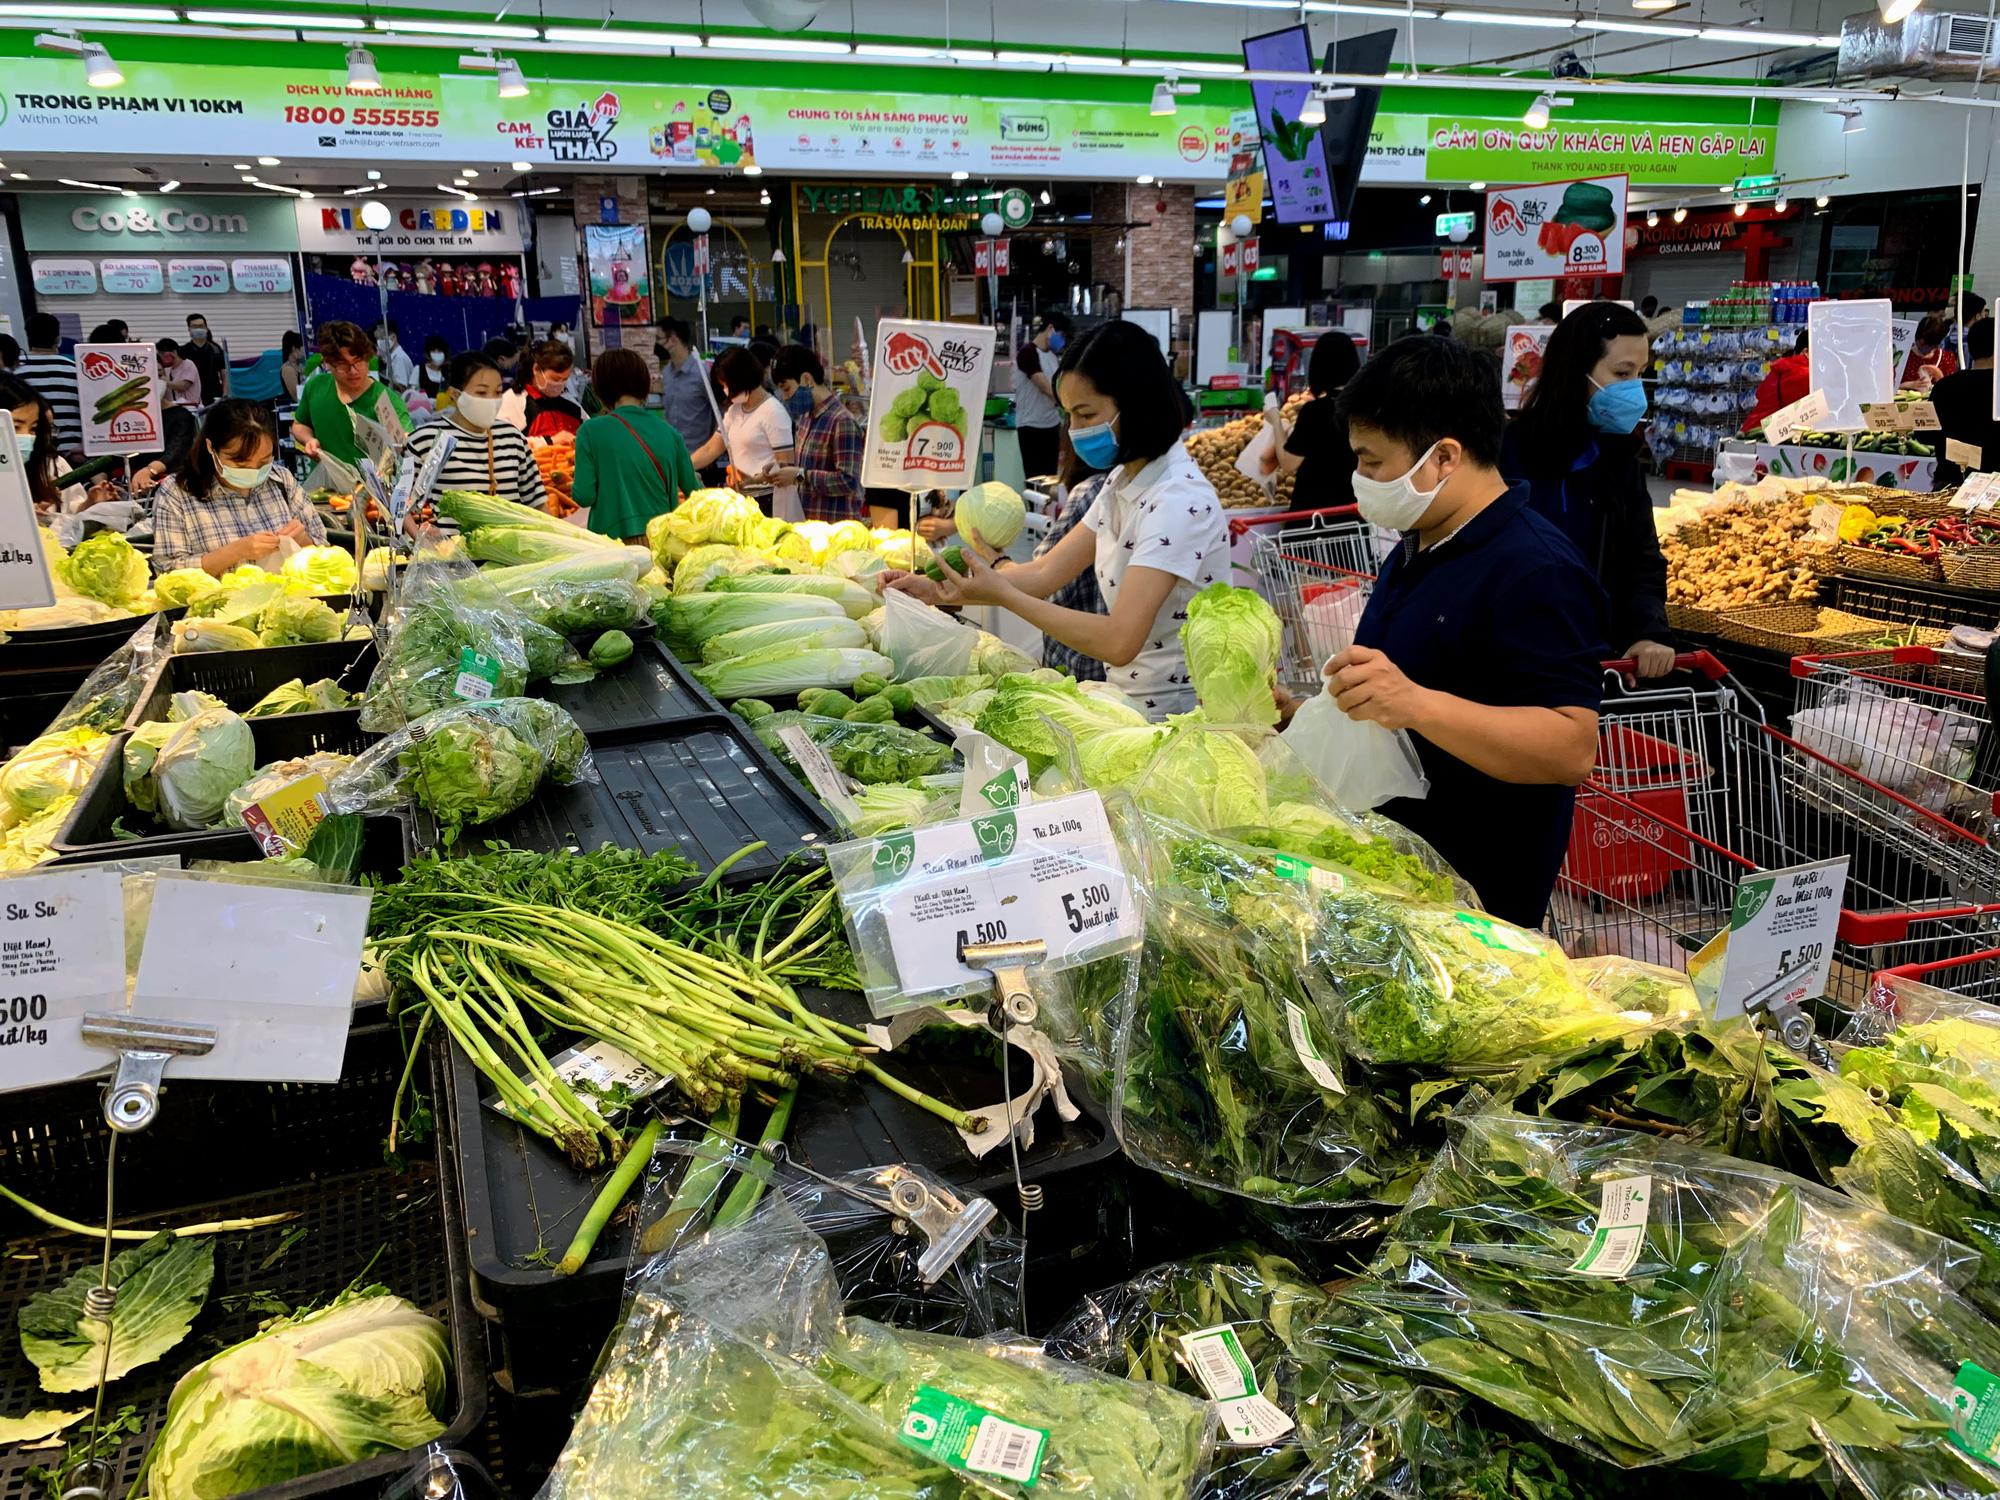 Trước giờ giới nghiêm, người Hà Nội ùn ùn kéo về siêu thị, mua sạch mì tôm, thực phẩm, giấy vệ sinh - Ảnh 2.